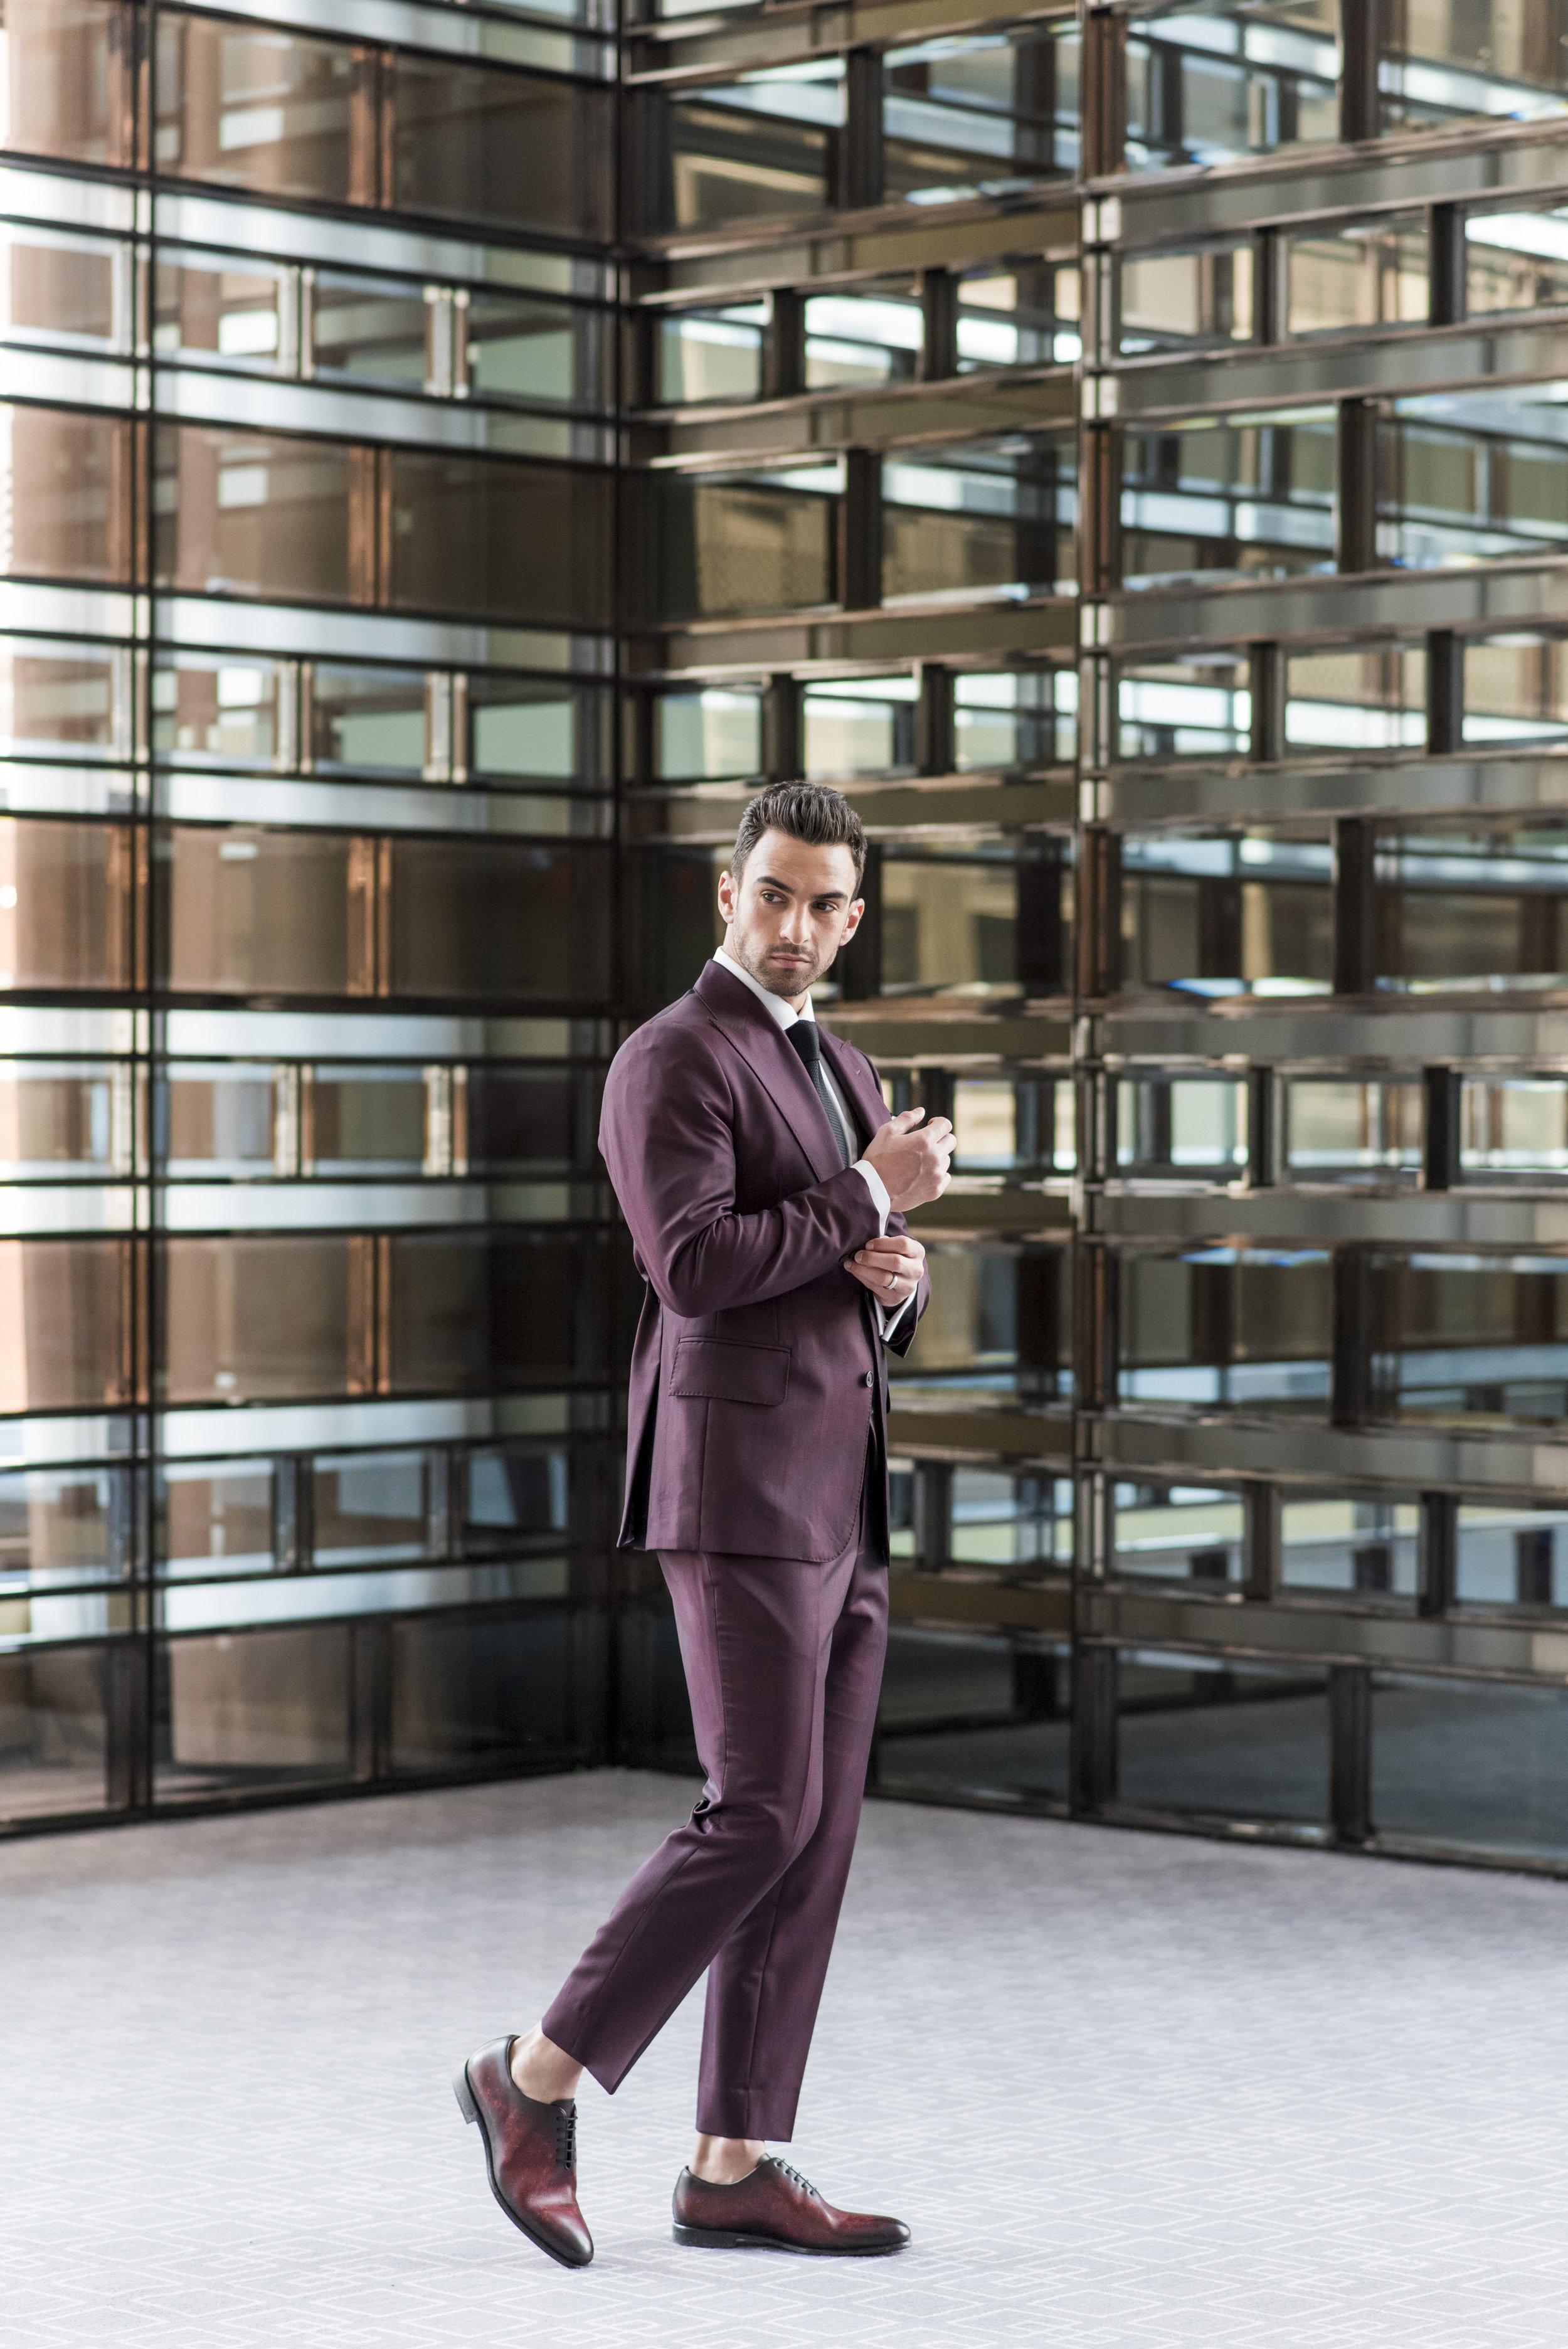 August In Bloom - Groom in maroon suit - The Suited Groom (The Bridal Affair)